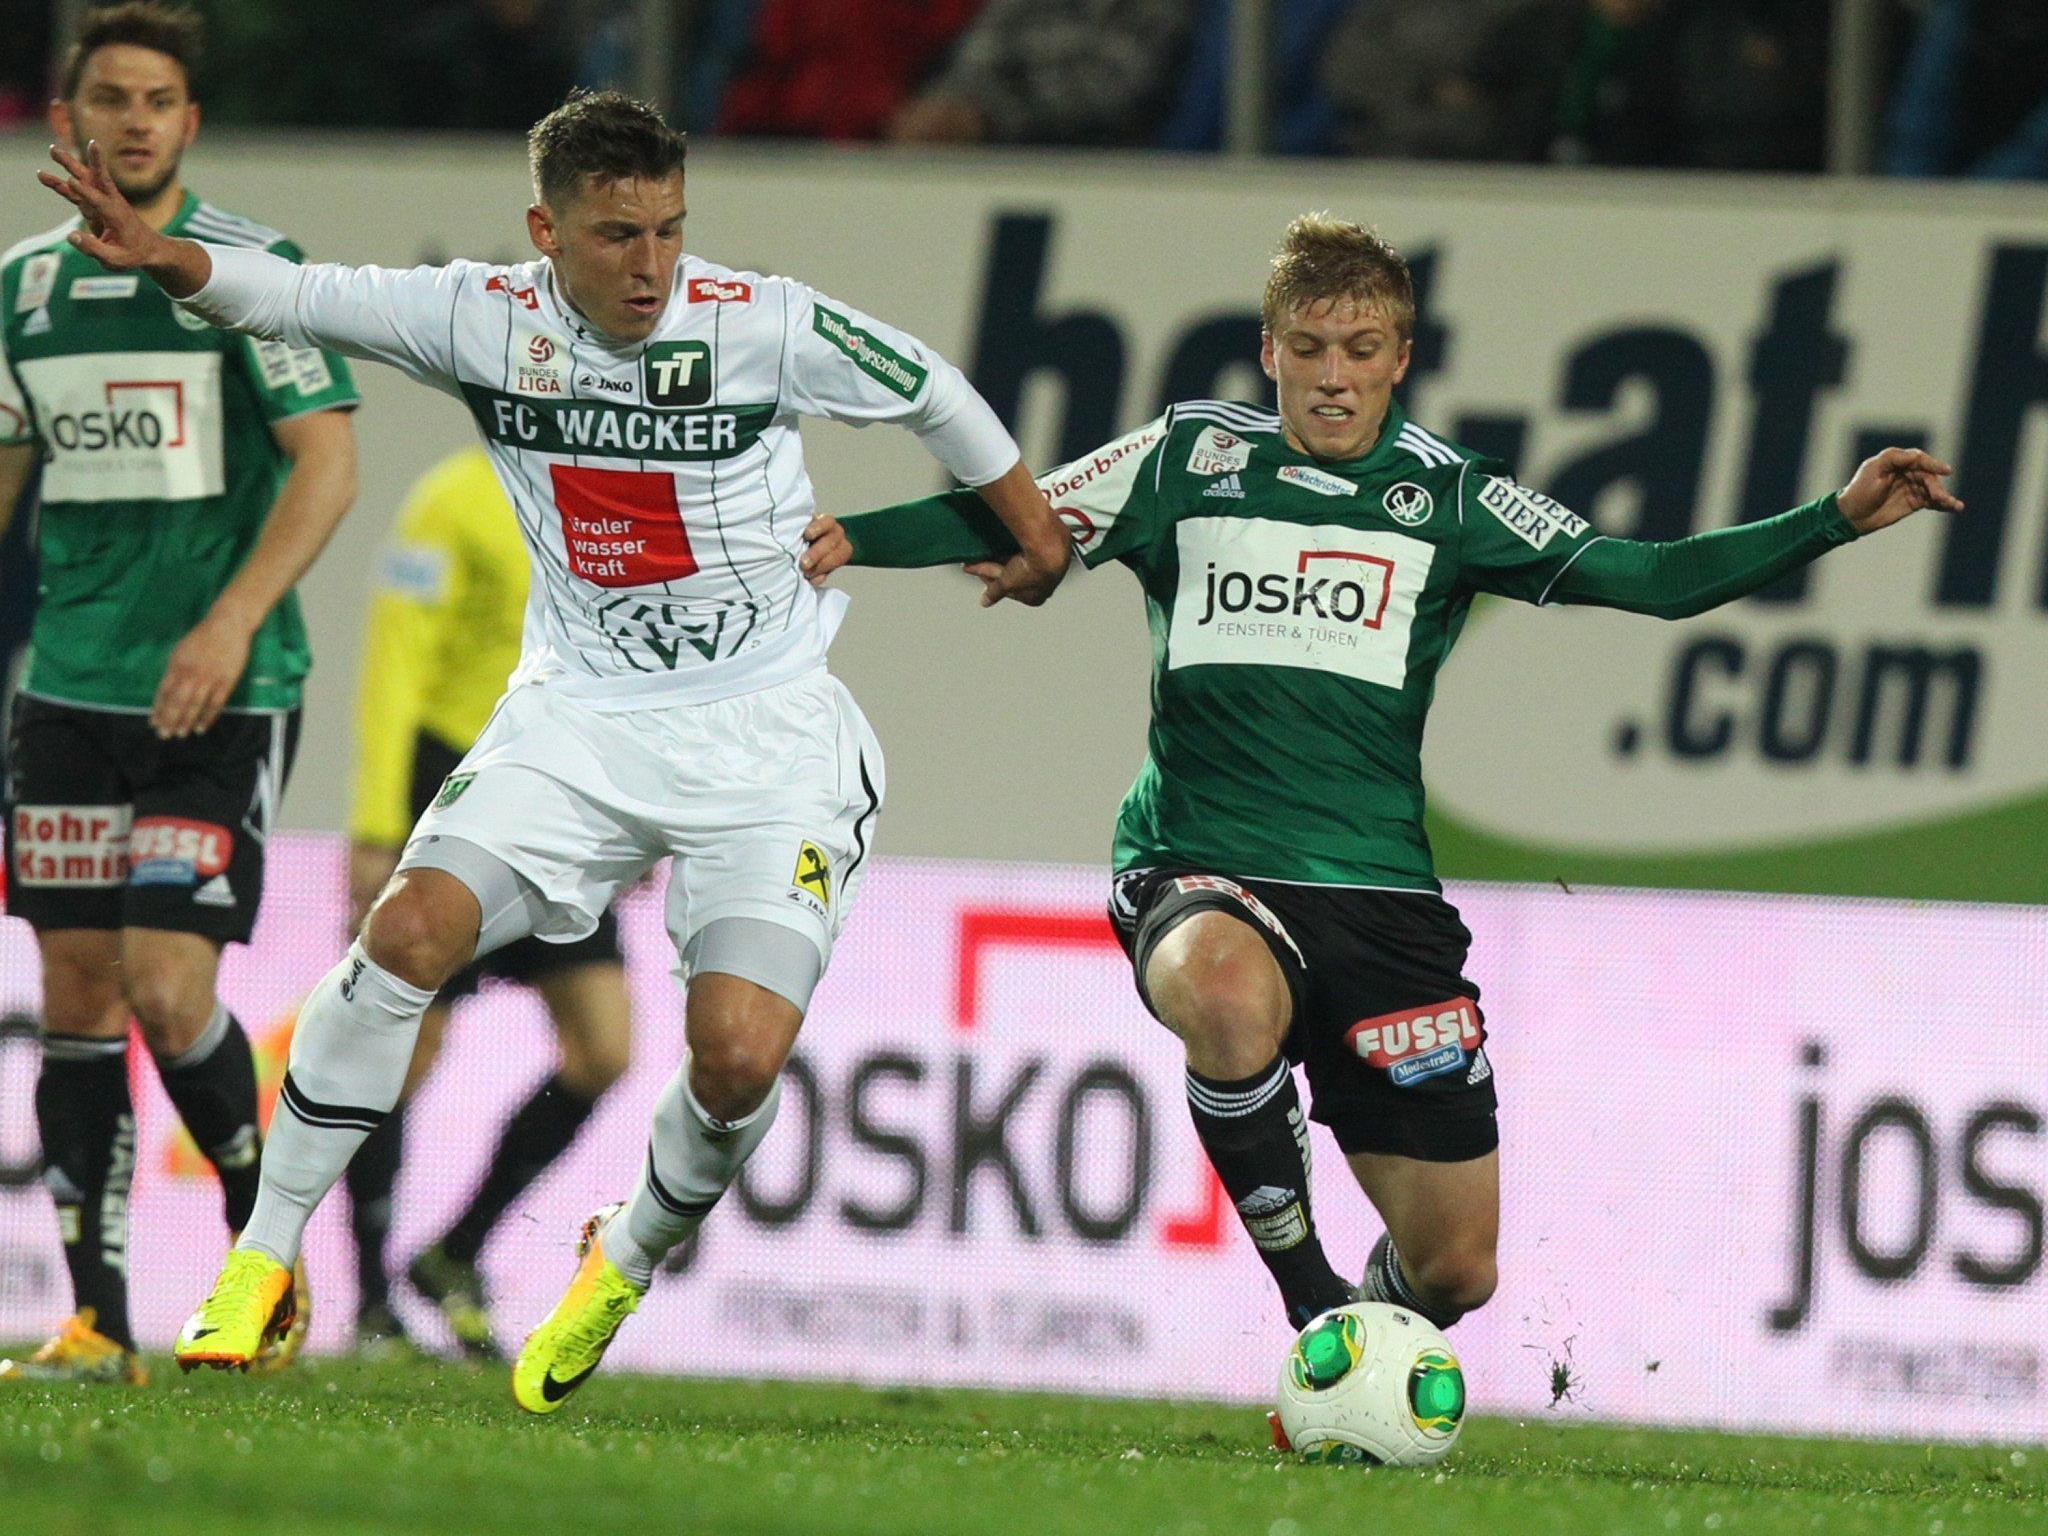 LIVE-Ticker zum Spiel FC Wacker Innsbruck gegen SV Ried am Samstag ab 19 Uhr.